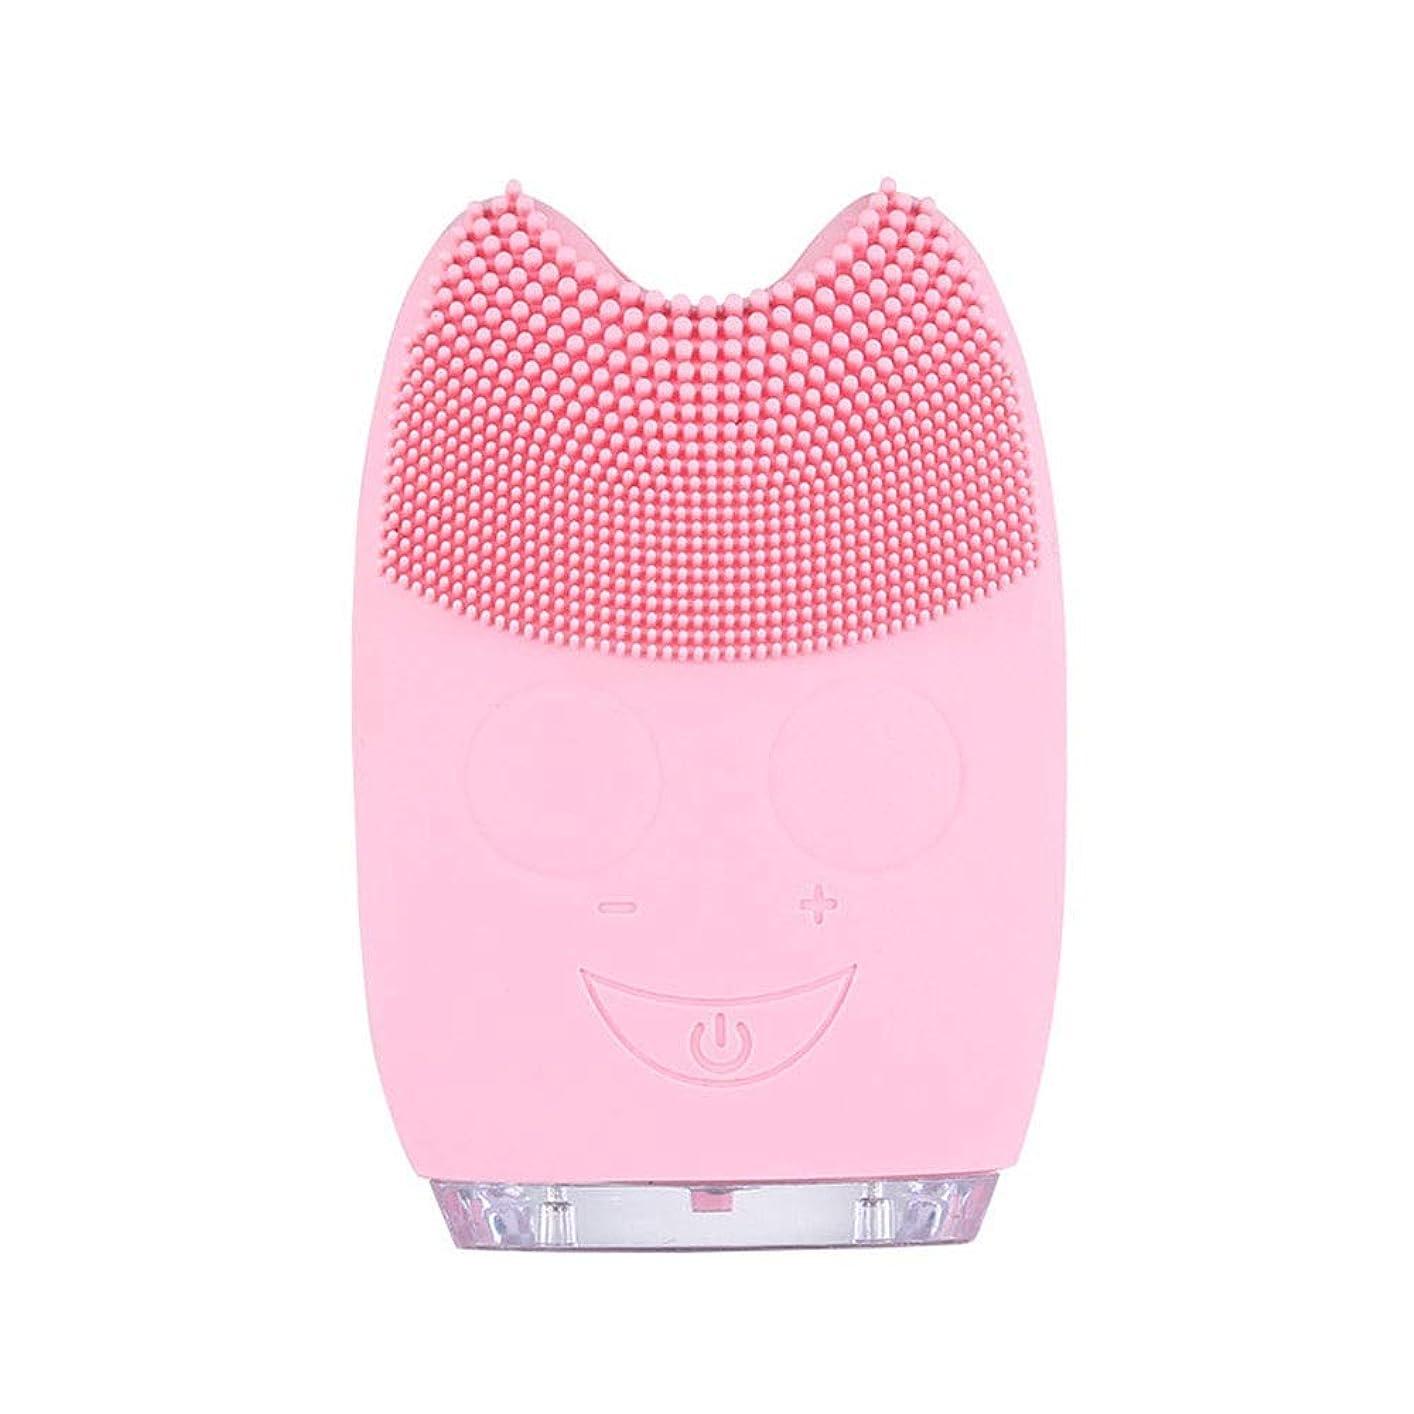 追うまっすぐオーク洗顔ブラシ ソニックフェイシャルクレンジングブラシマッサージャー充電式電気シリコーン剥離フェイススクラブブラシ ディープクレンジングスキンケア用 (色 : ピンク, サイズ : 9.8*6.4*3cm)